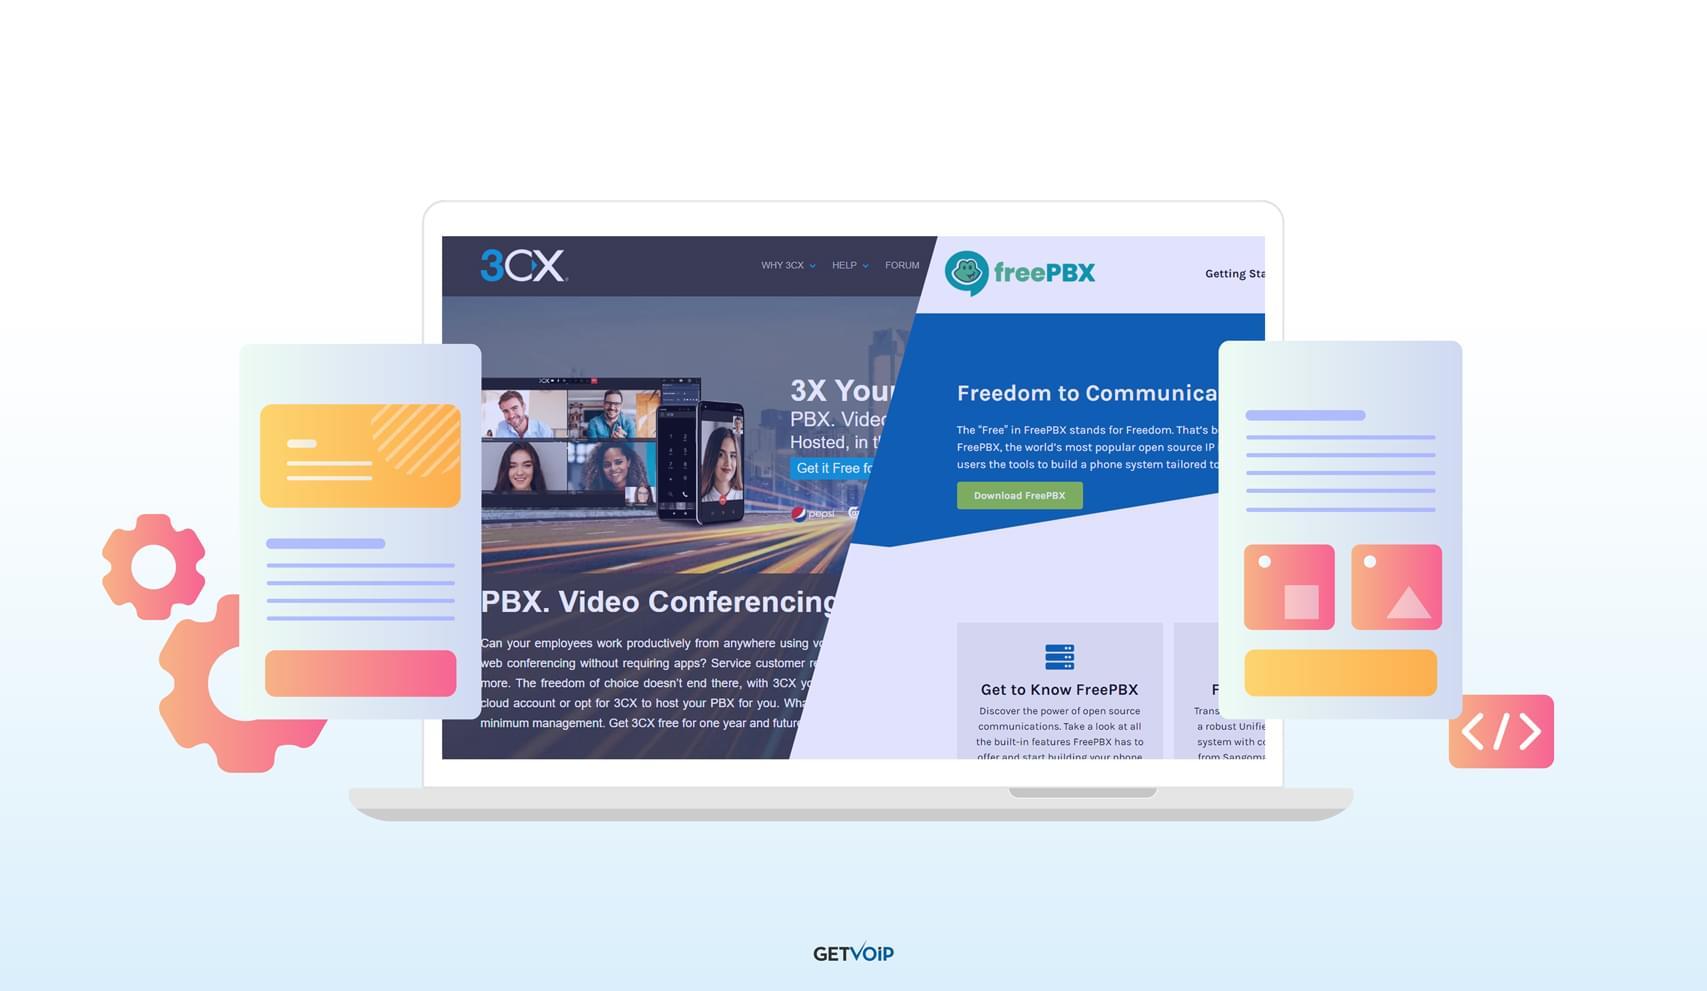 3CX vsFreePBX: A Complete Comparison